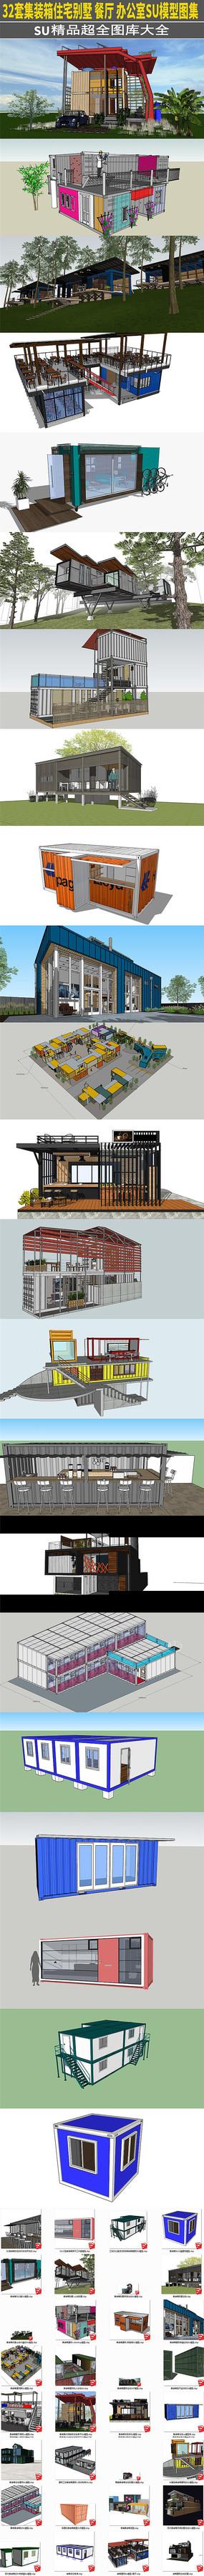 32套集装箱别墅餐厅办公室SU模型图集